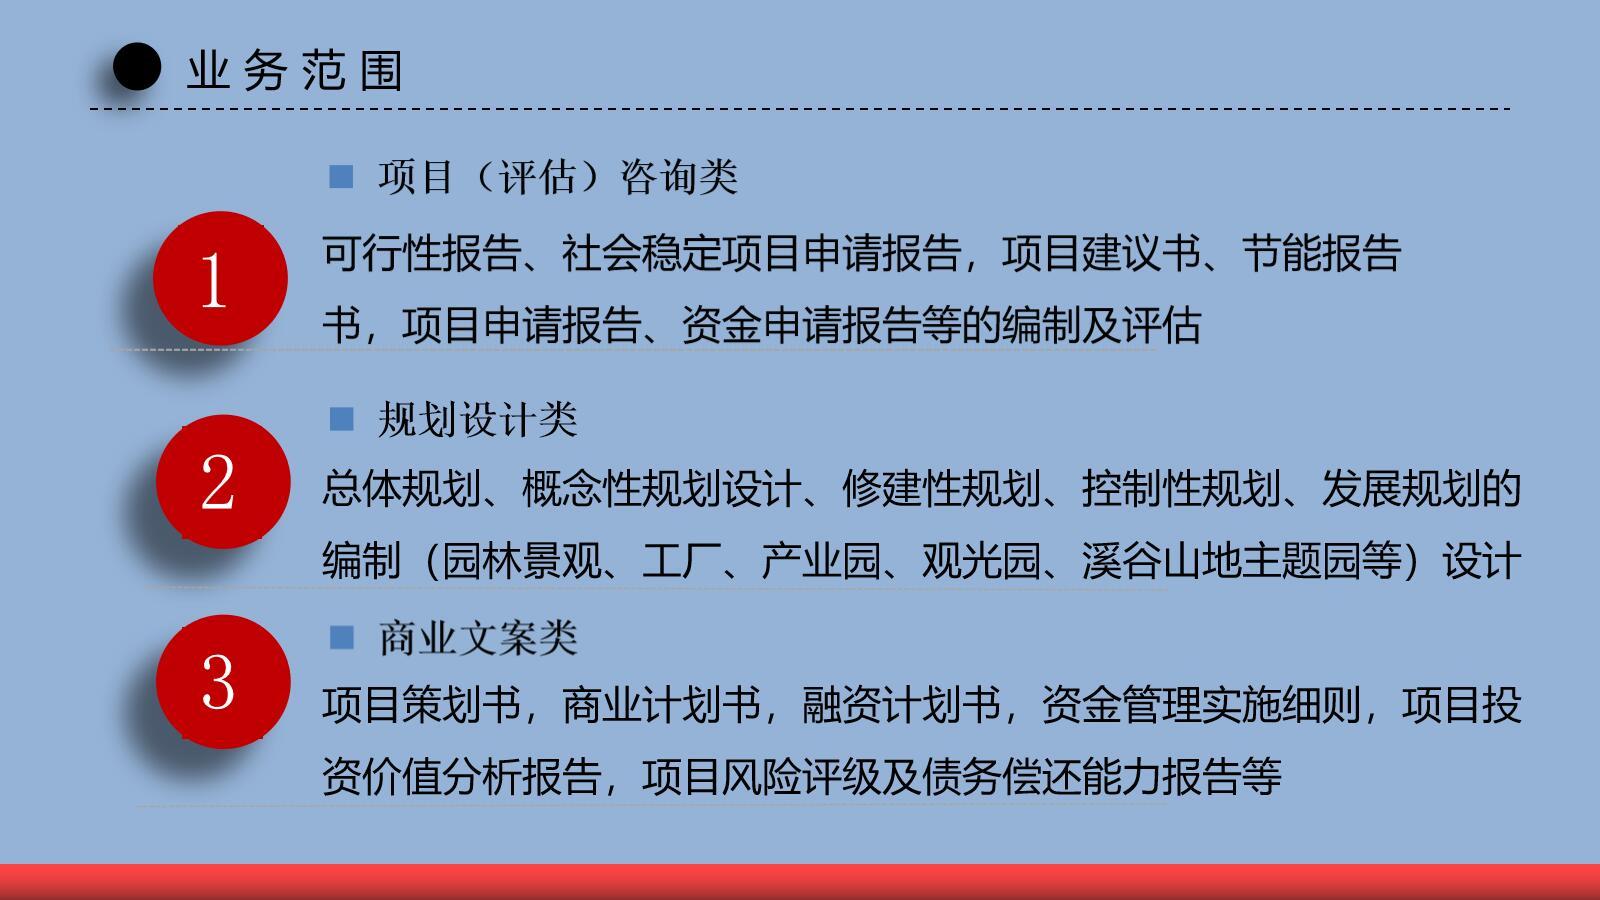 信阳代写项目计划书公司-硕博团队撰写